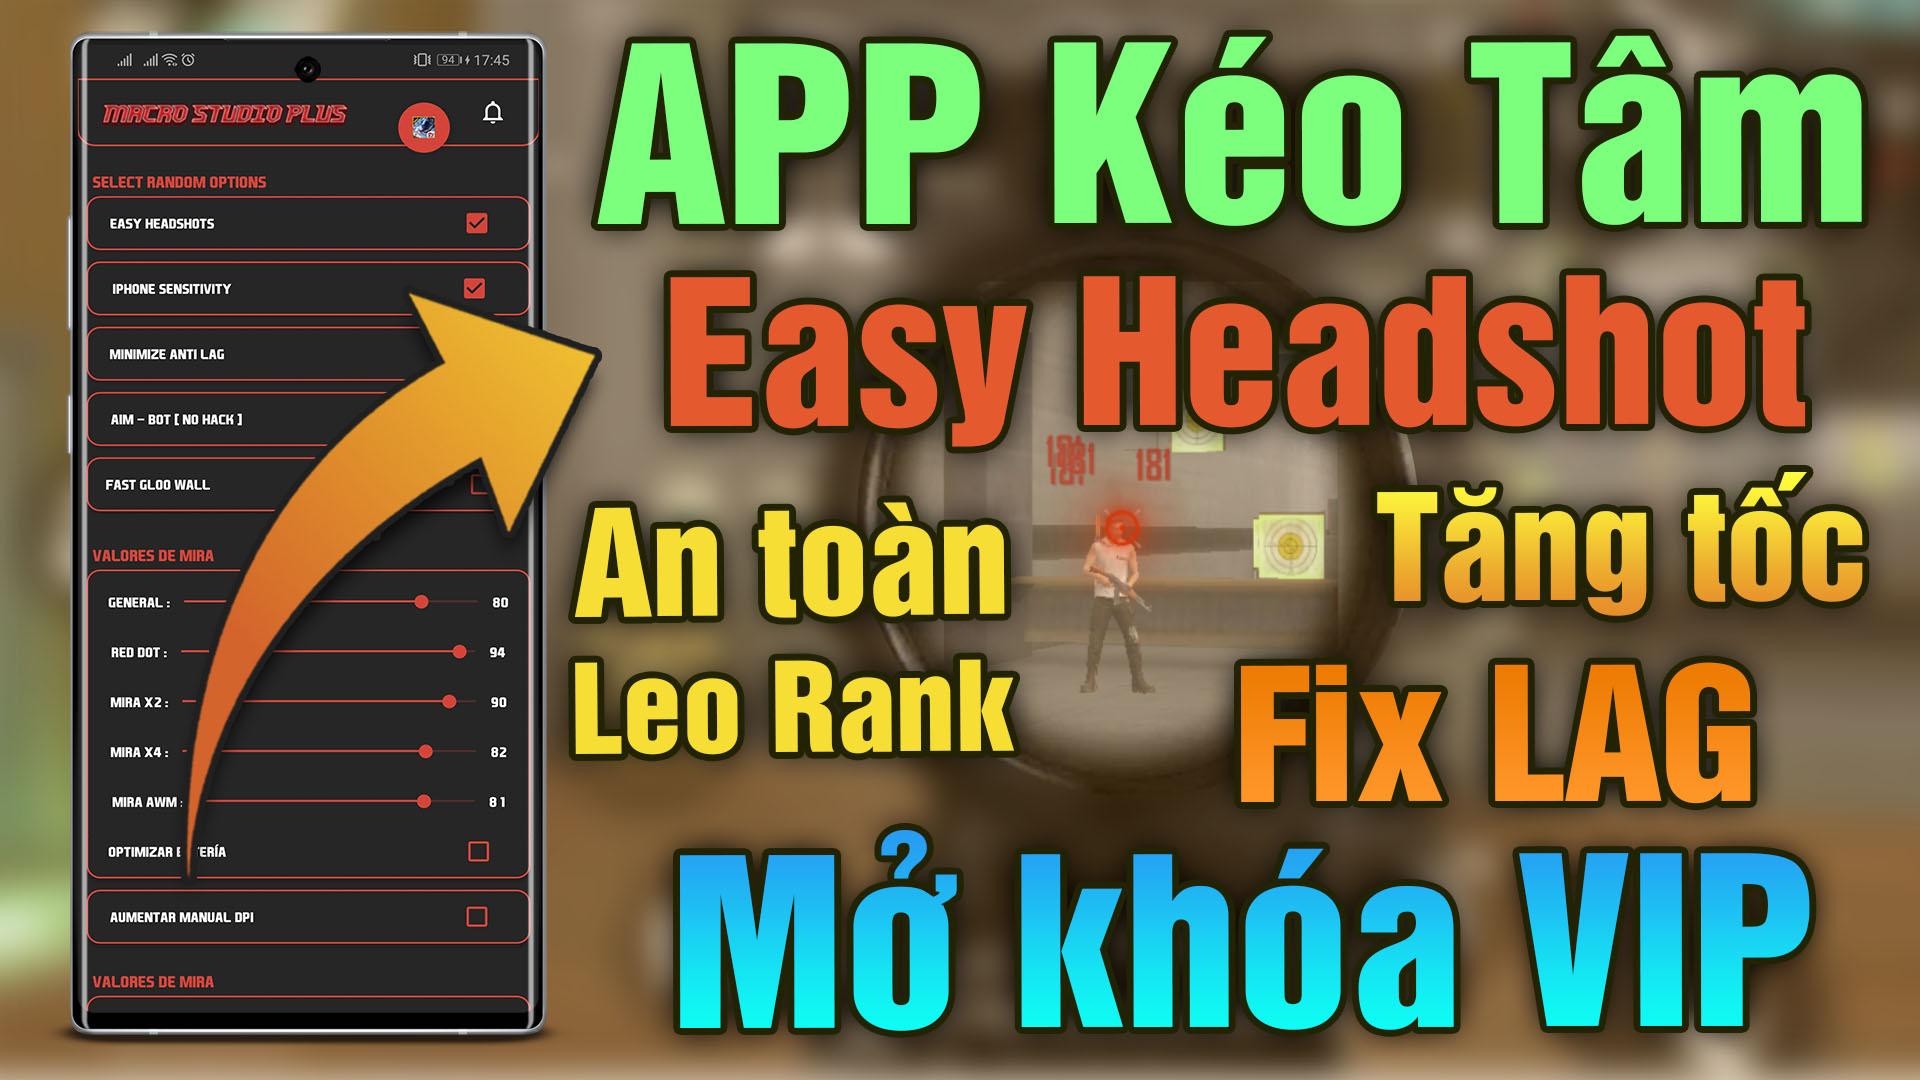 Ứng dụng kéo tâm easy headshot VIP cho Free Fire (Fix Lag Booster) siêu mượt